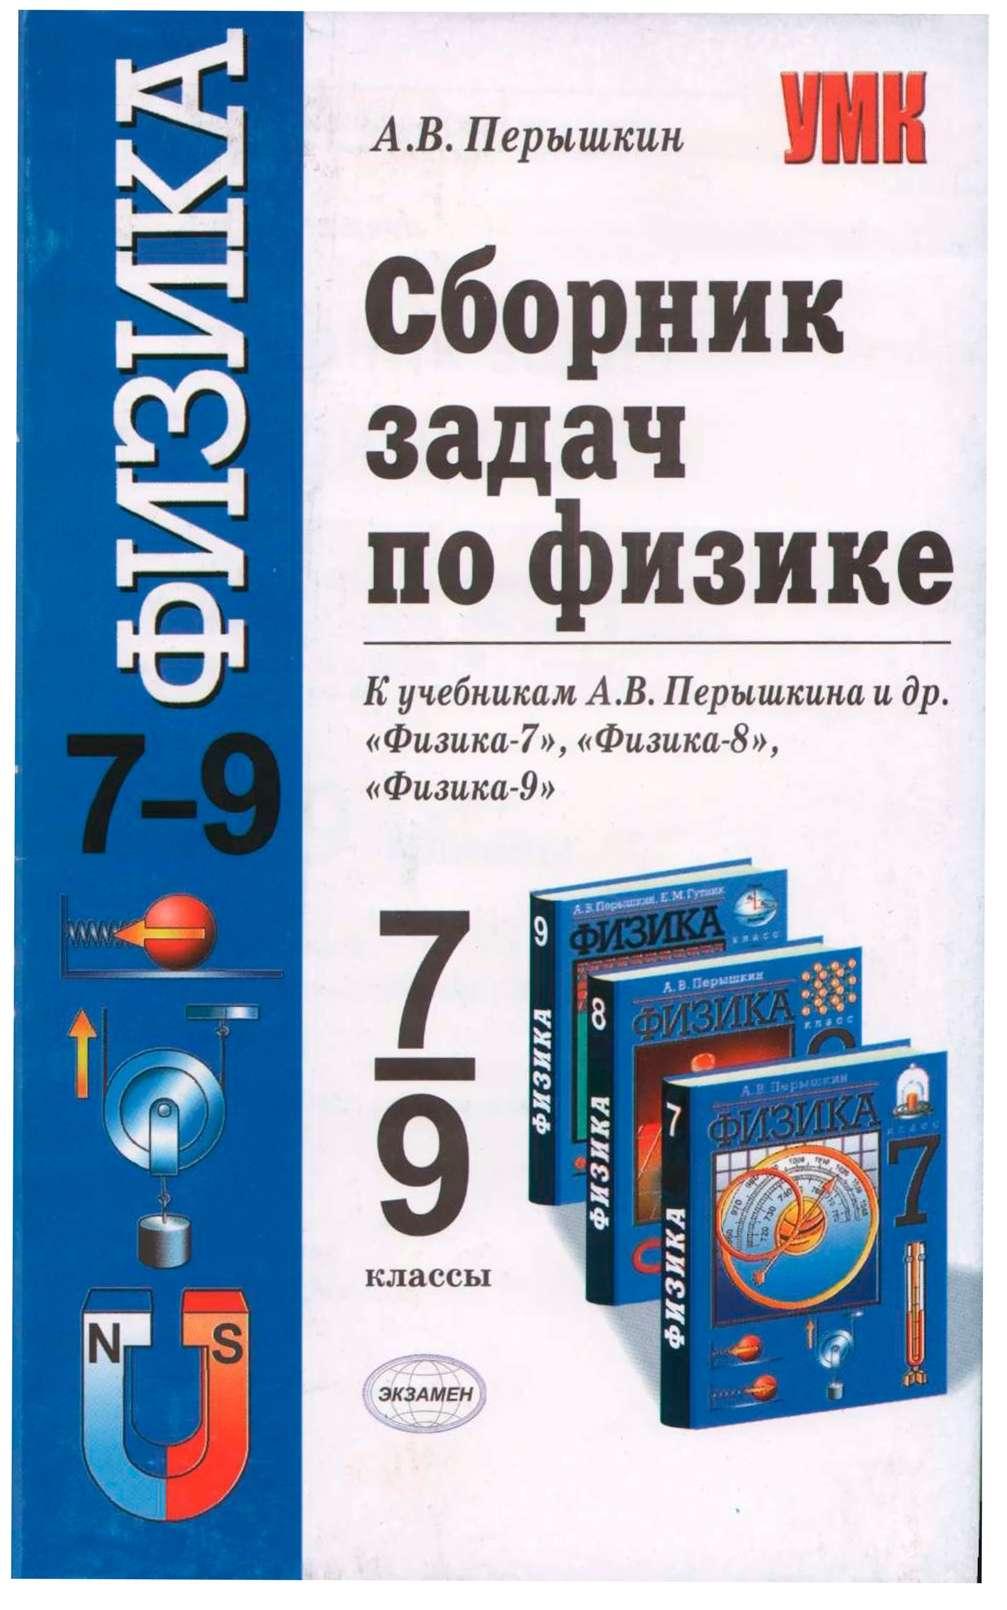 Сборник задач по физике 7-9 кл. гдз скачать